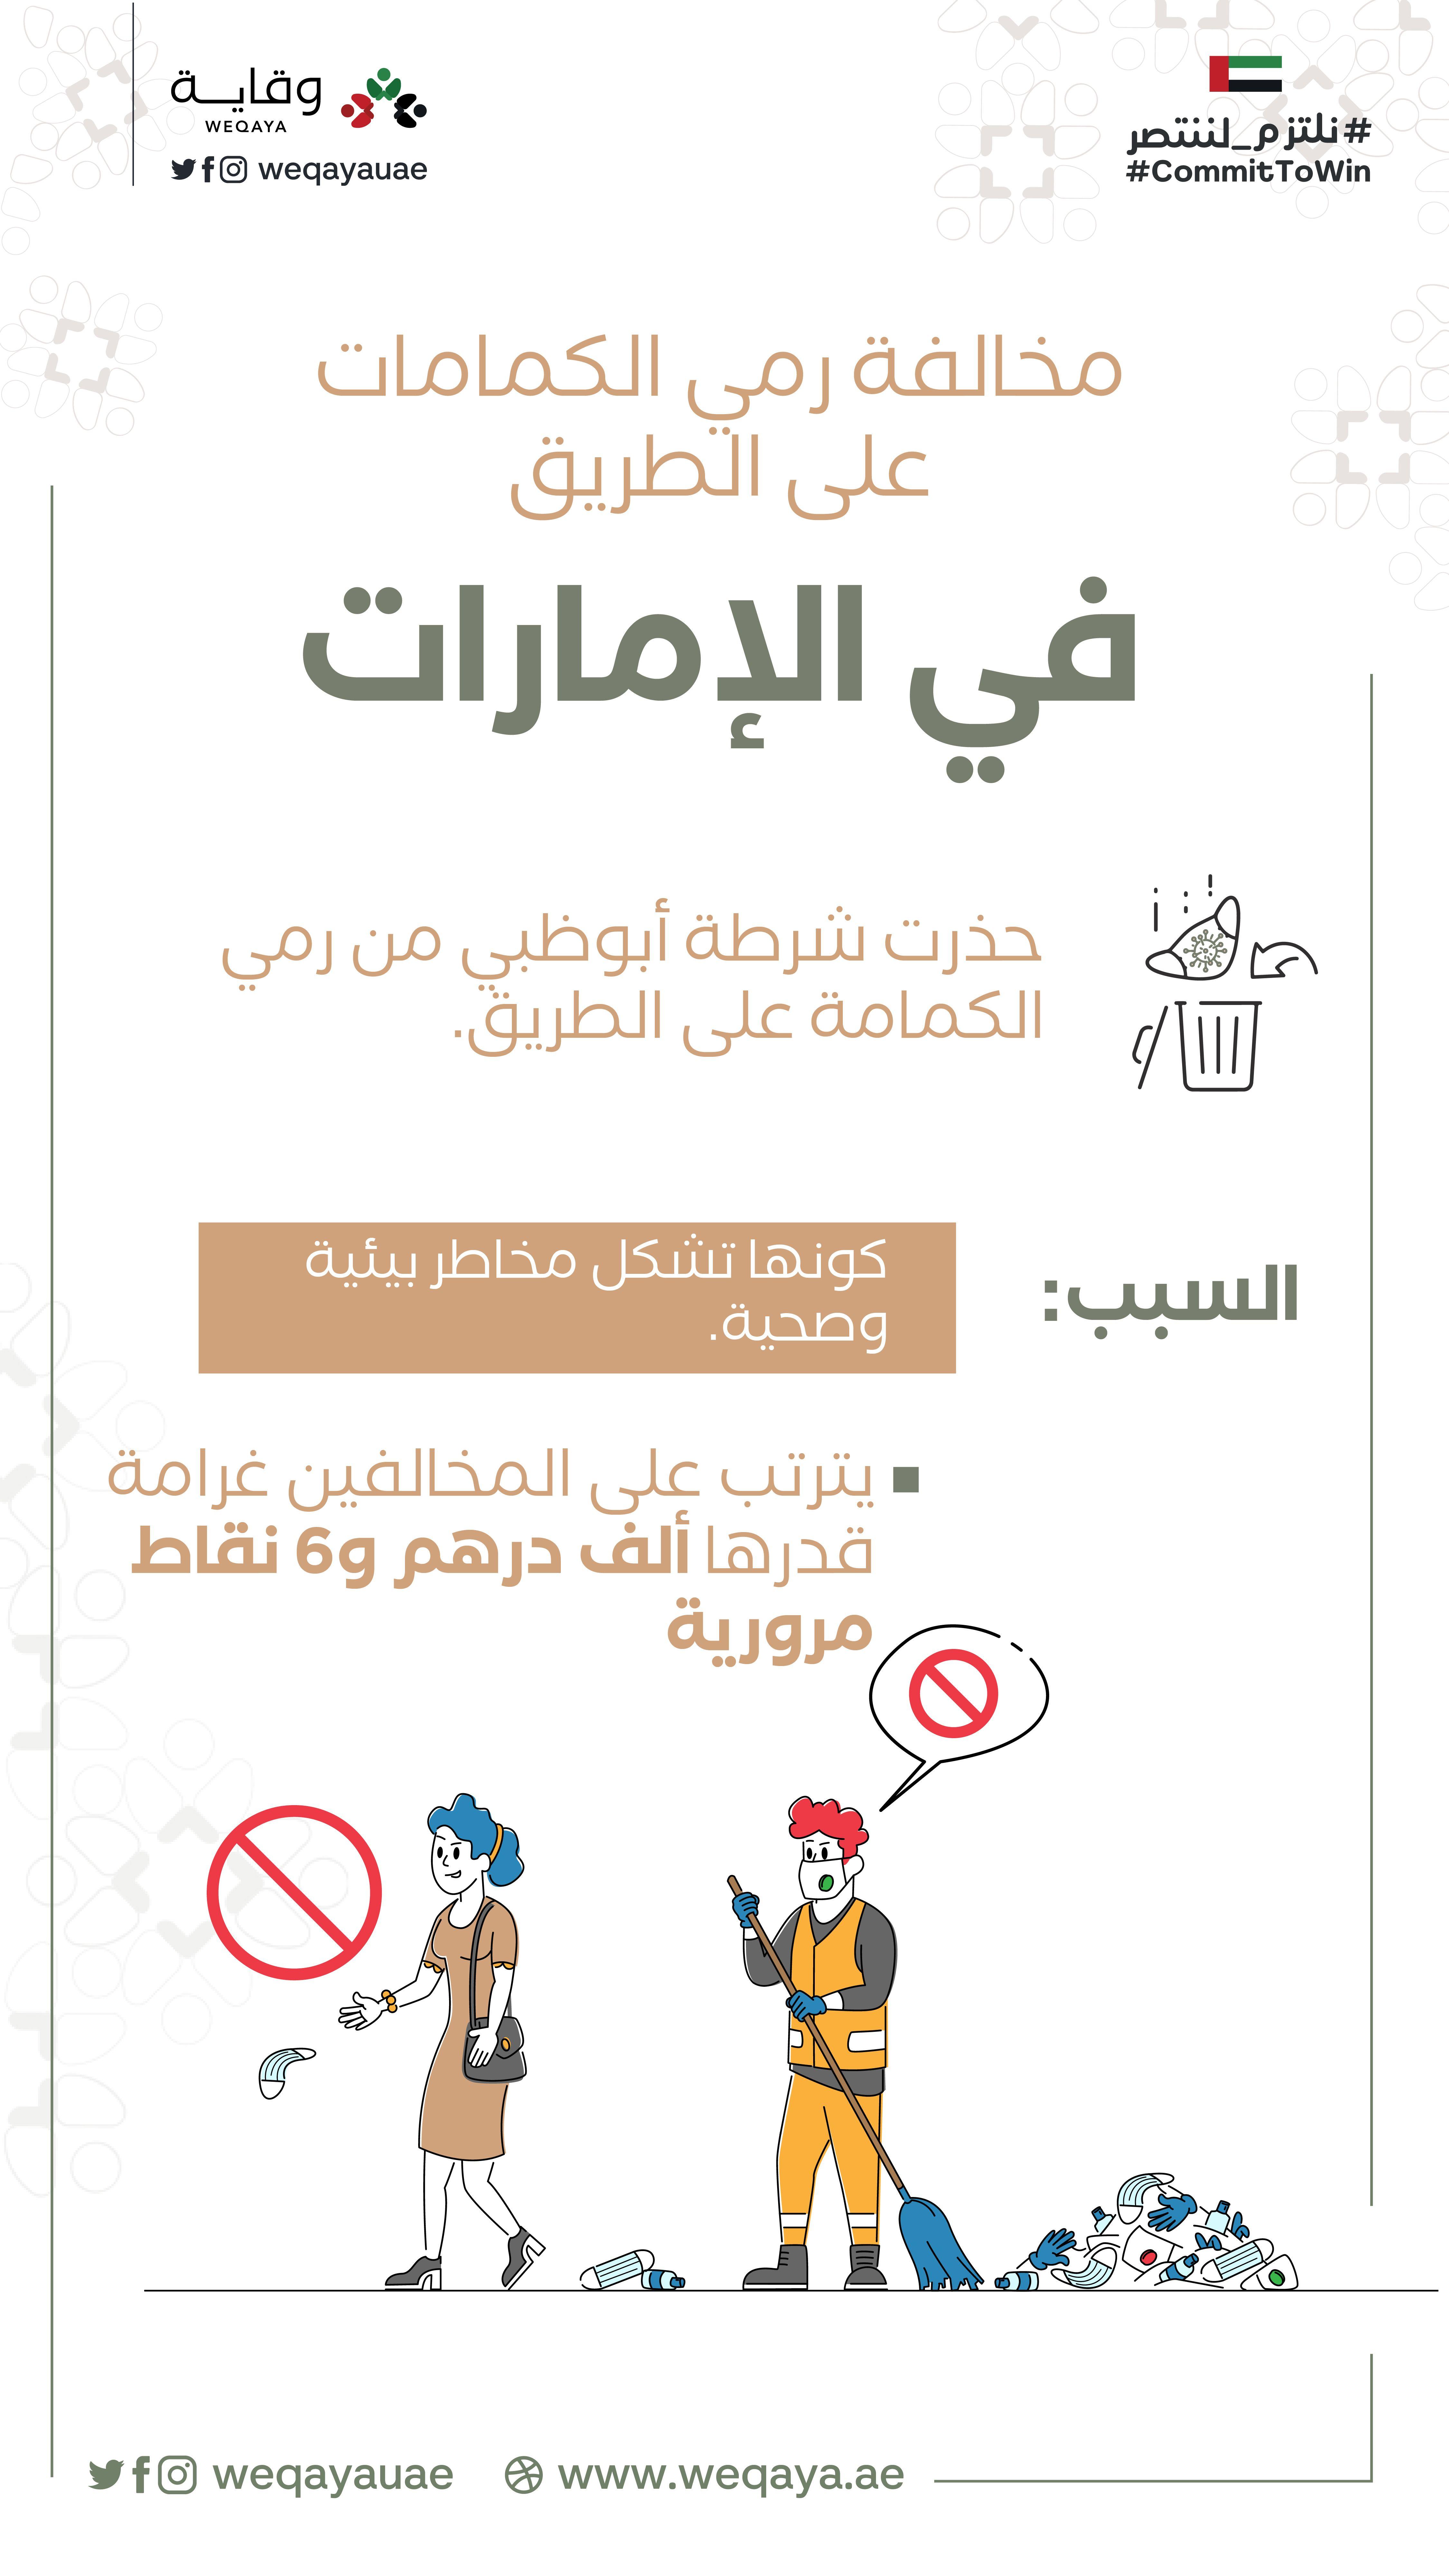 1000 درهم غرامة إلقاء الكمامات والقفازات في شوارع أبوظبي Peanuts Comics Comics Commitment